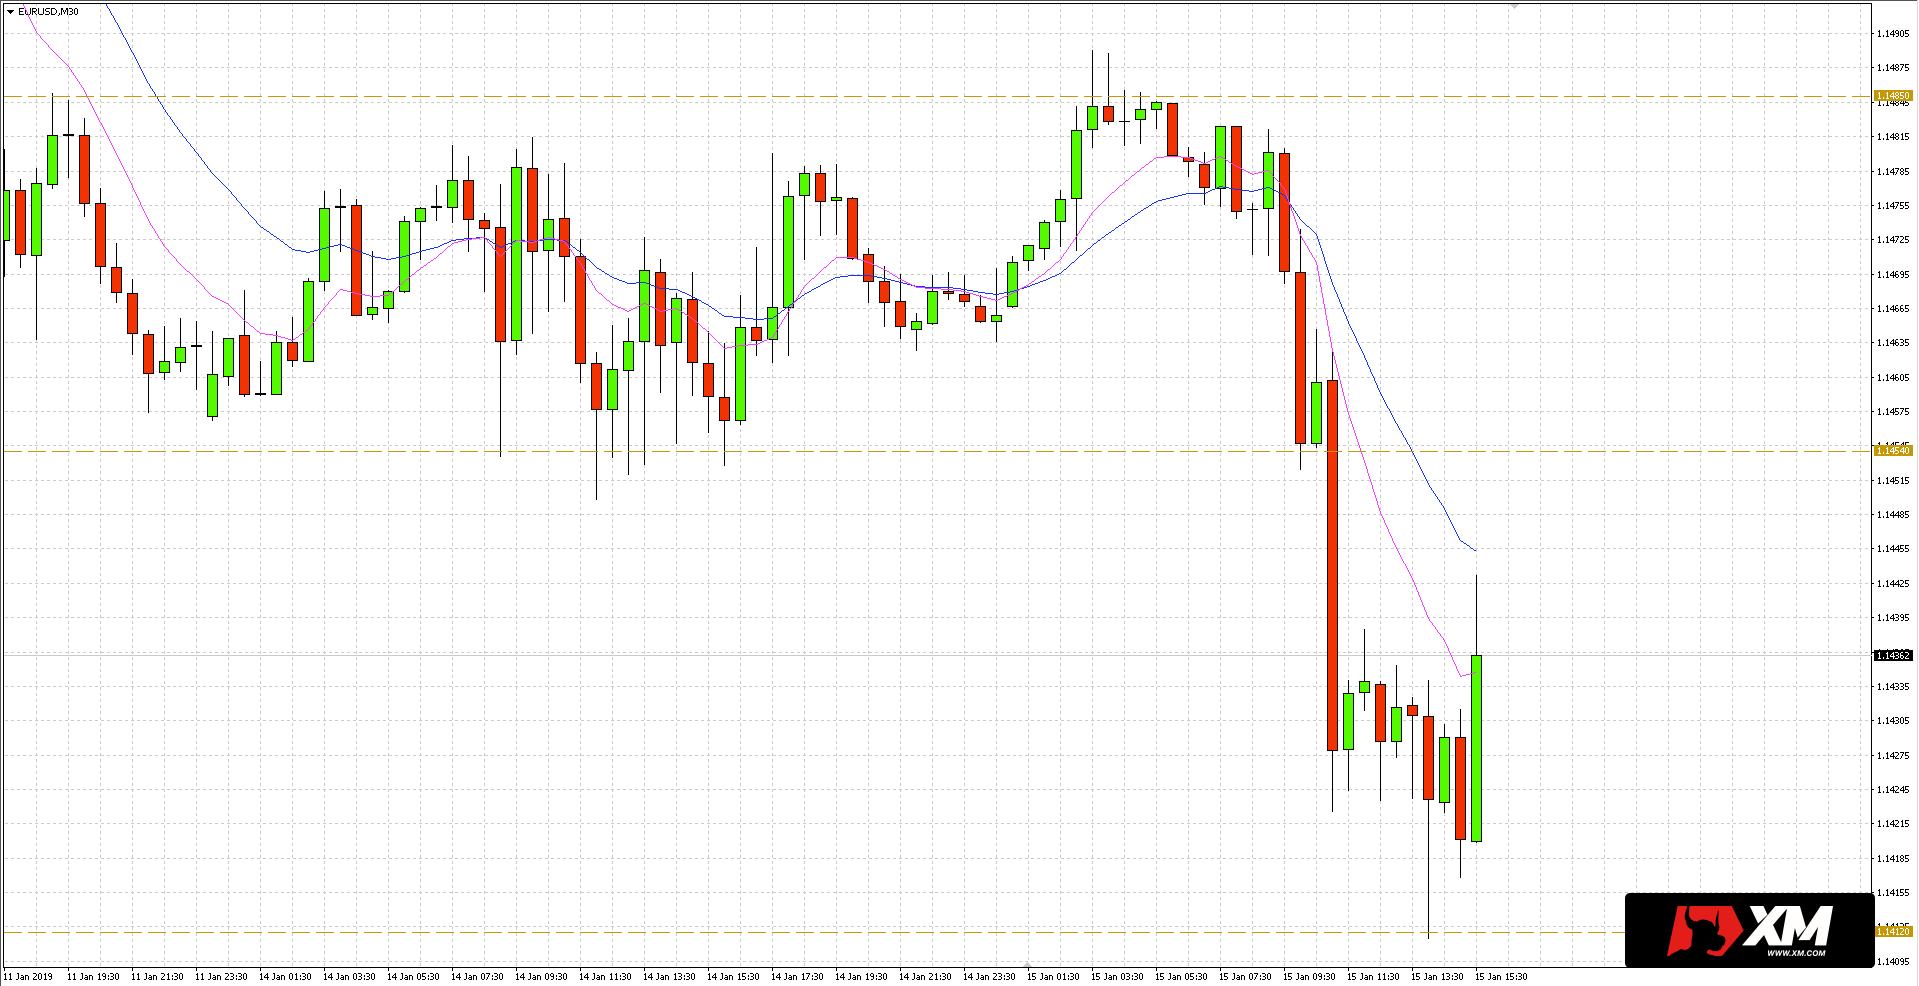 Po odczycie wskaźnika PPI w Stanach Zjednoczonych dolar w relacji do euro nieco się osłabił, co zaowocowało wzrostem kursu pary walutowej EUR/USD